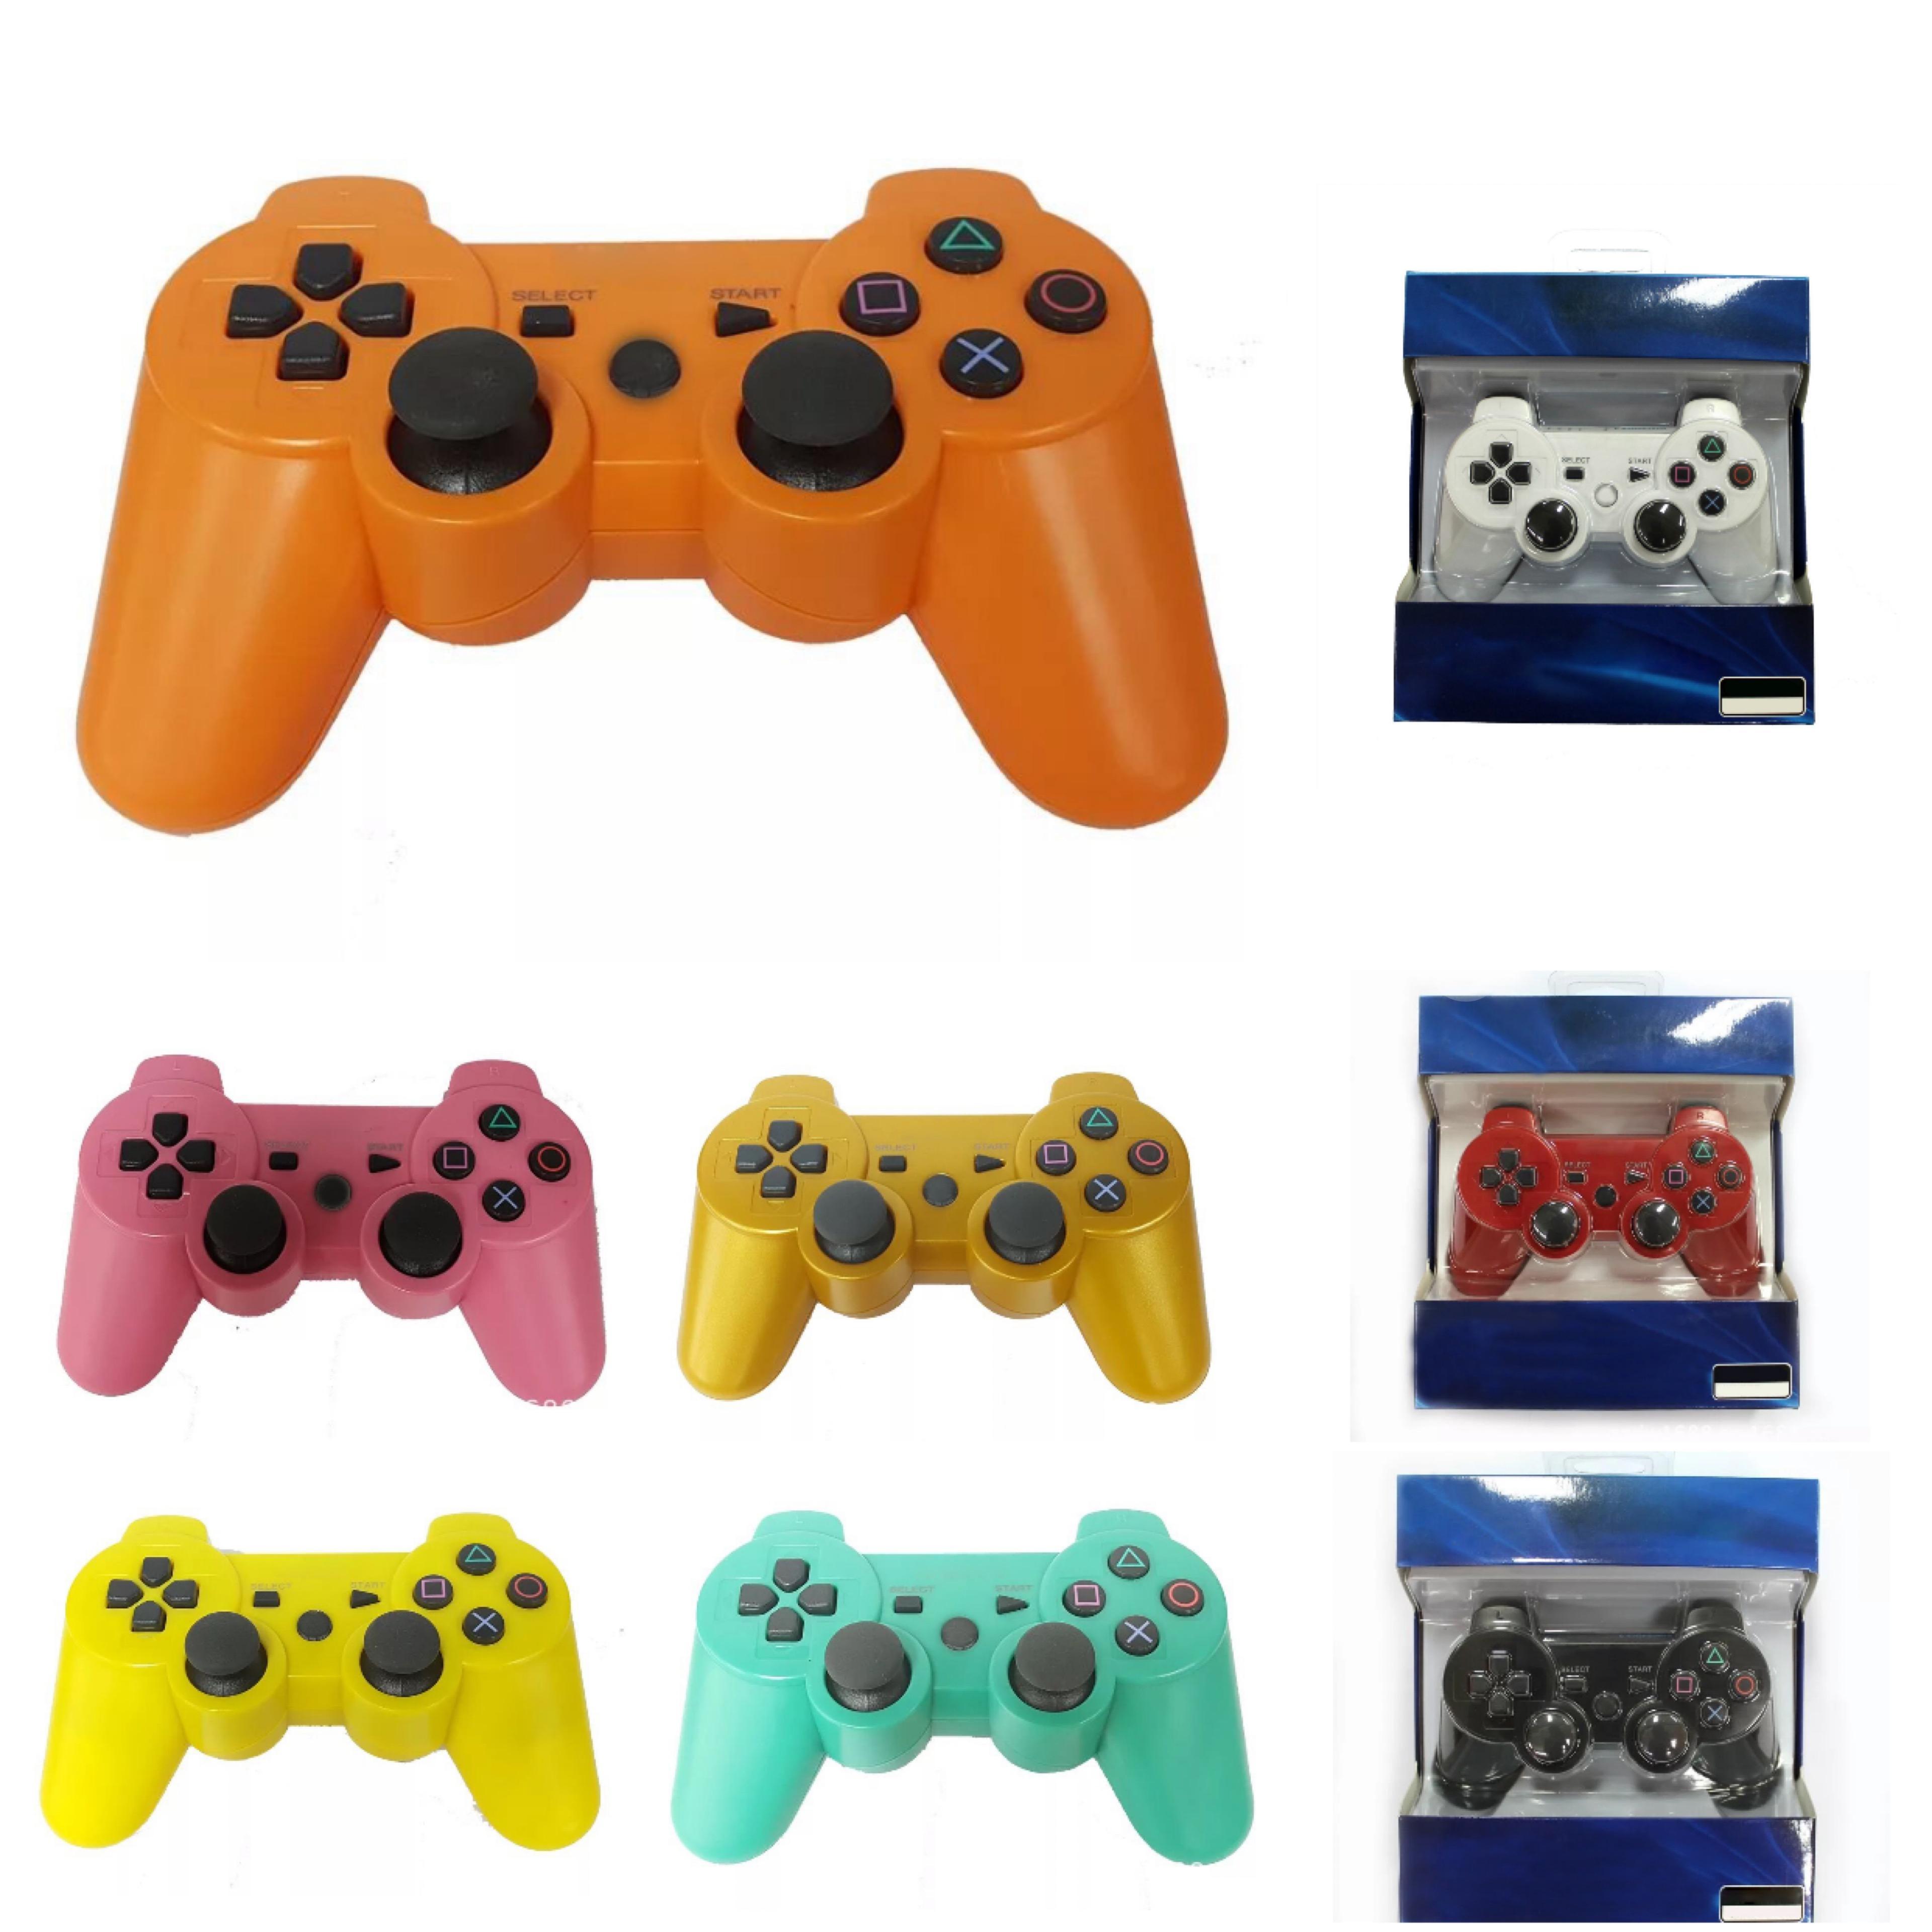 제품과 함께 PS3 진동 조이스틱 게임 패드 게임 컨트롤러에 대한 수송선 DUALSHOCK 3 무선 블루투스 컨트롤러